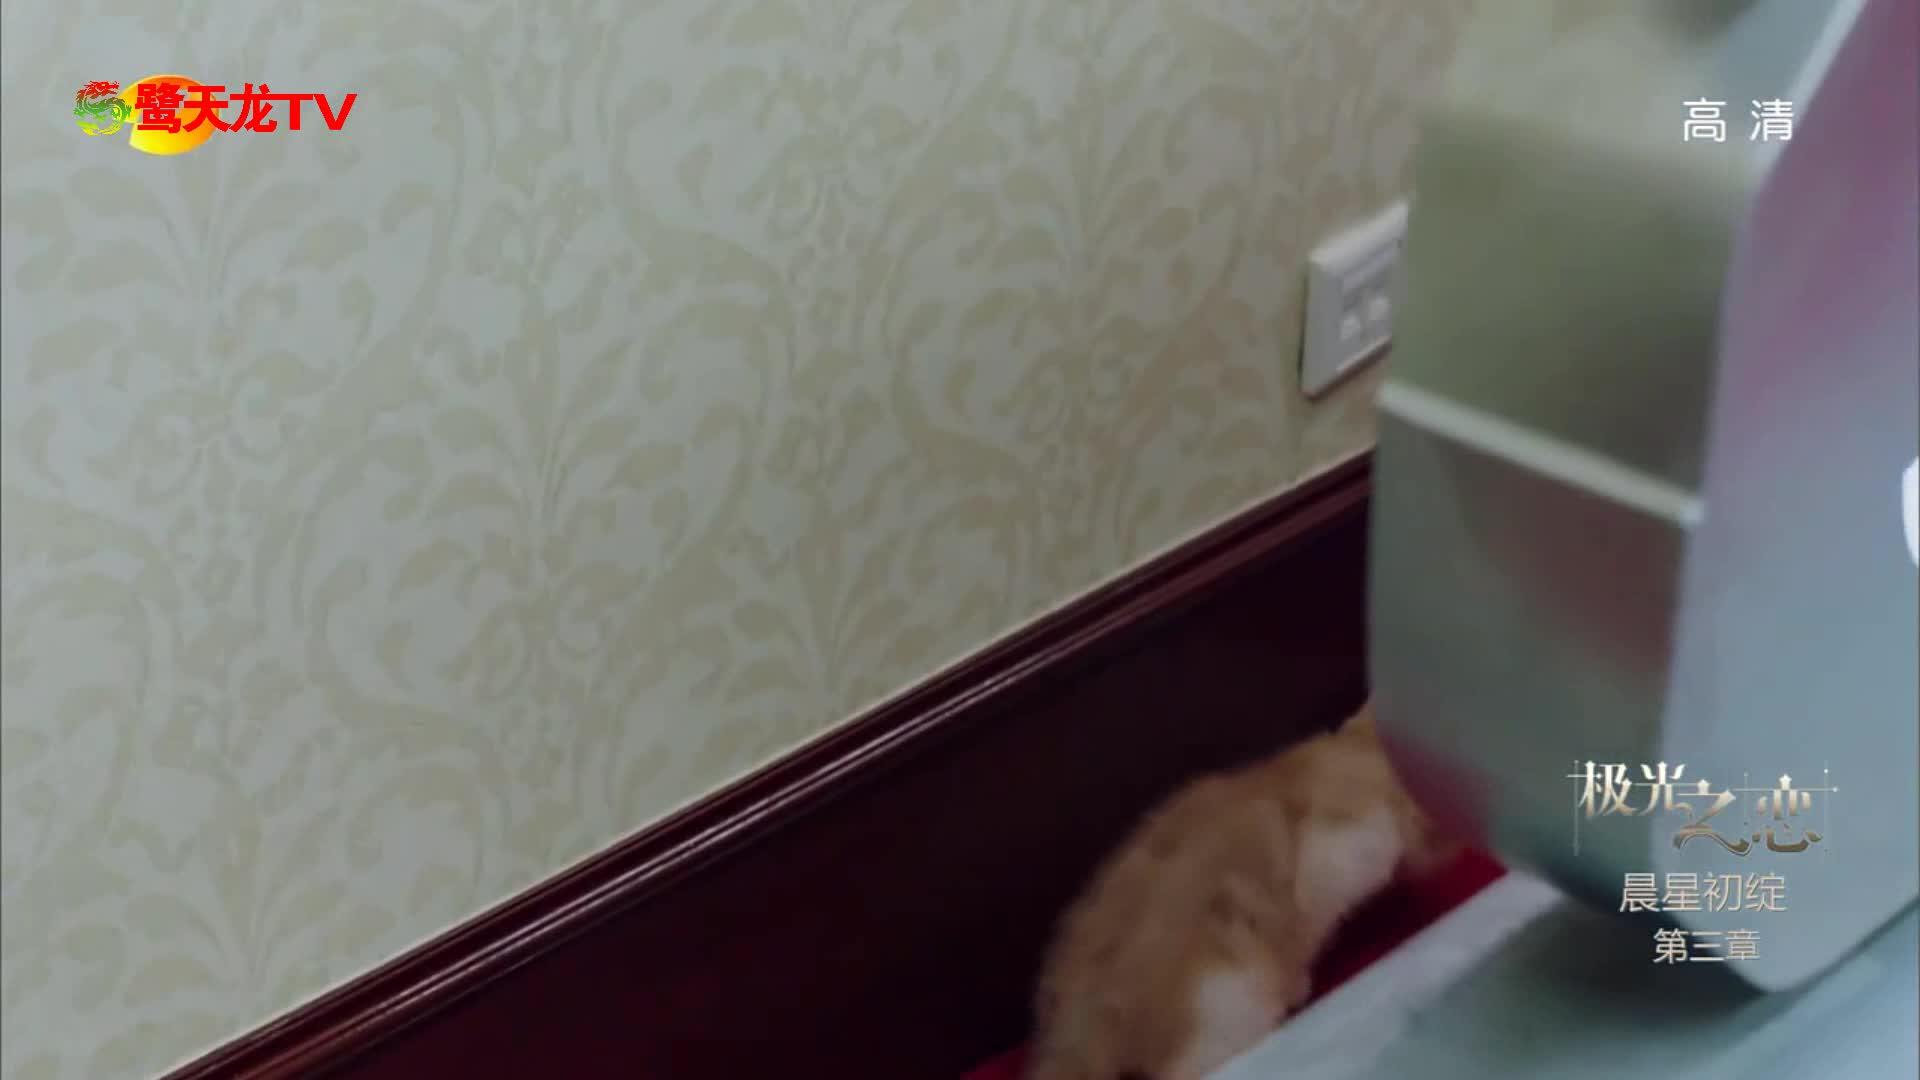 又被锁了?星子俊泰同床被偷拍